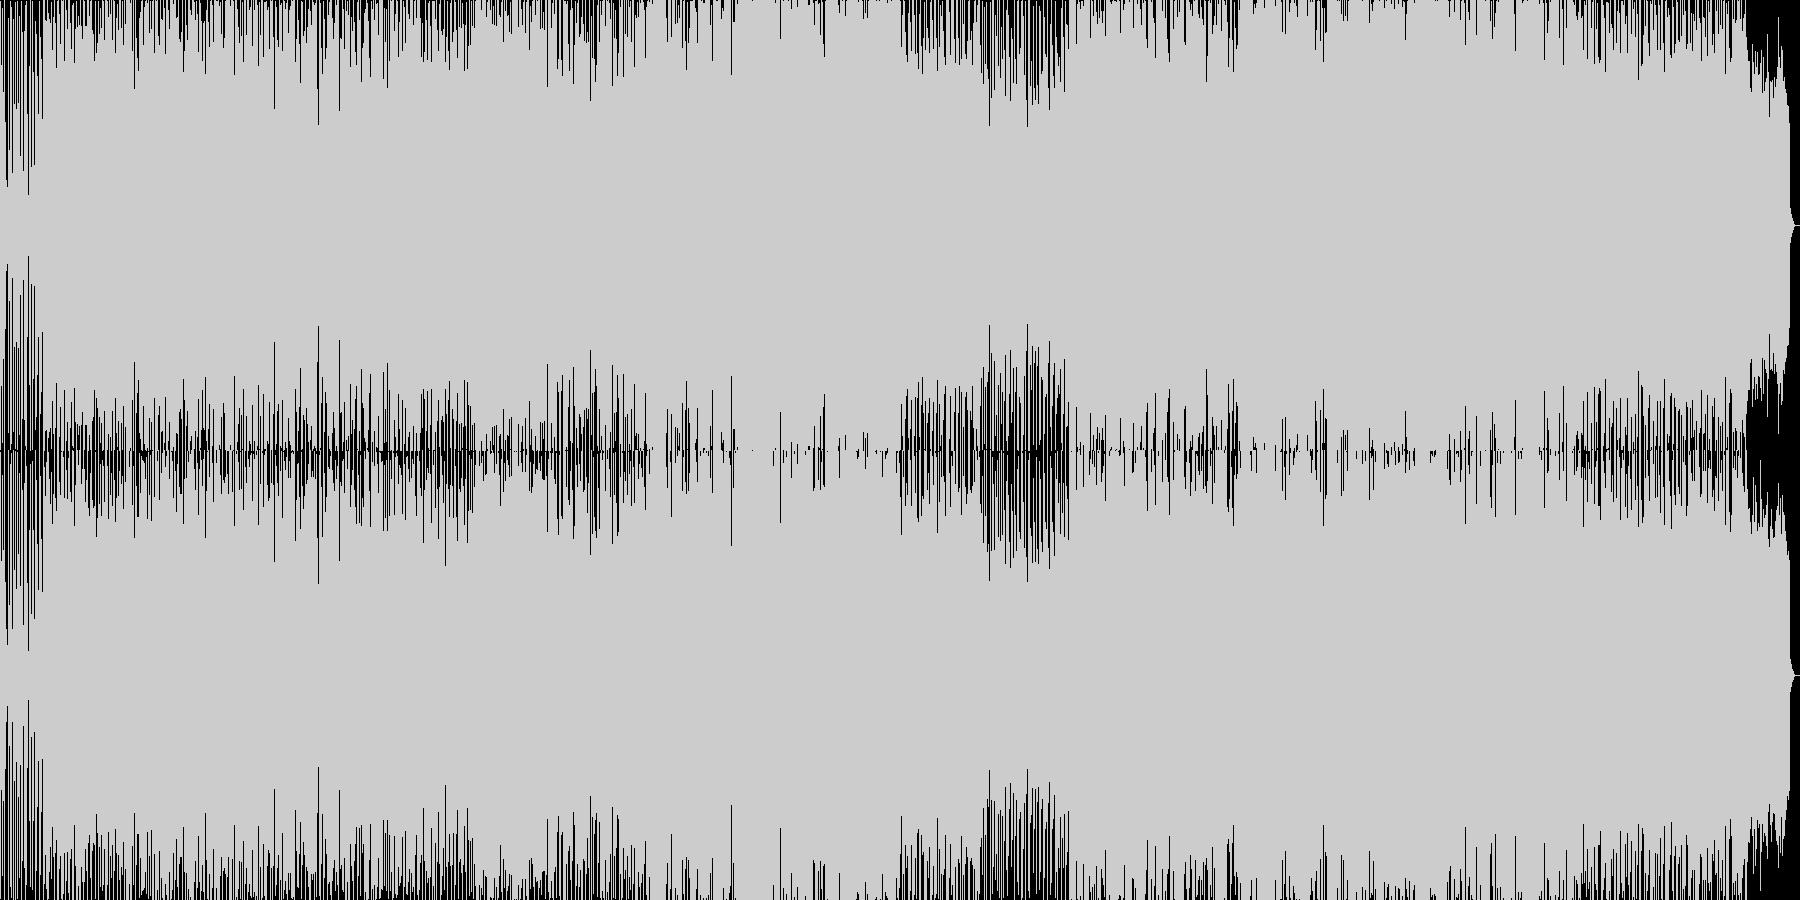 男性ボーカル / 情緒的なポップスの未再生の波形